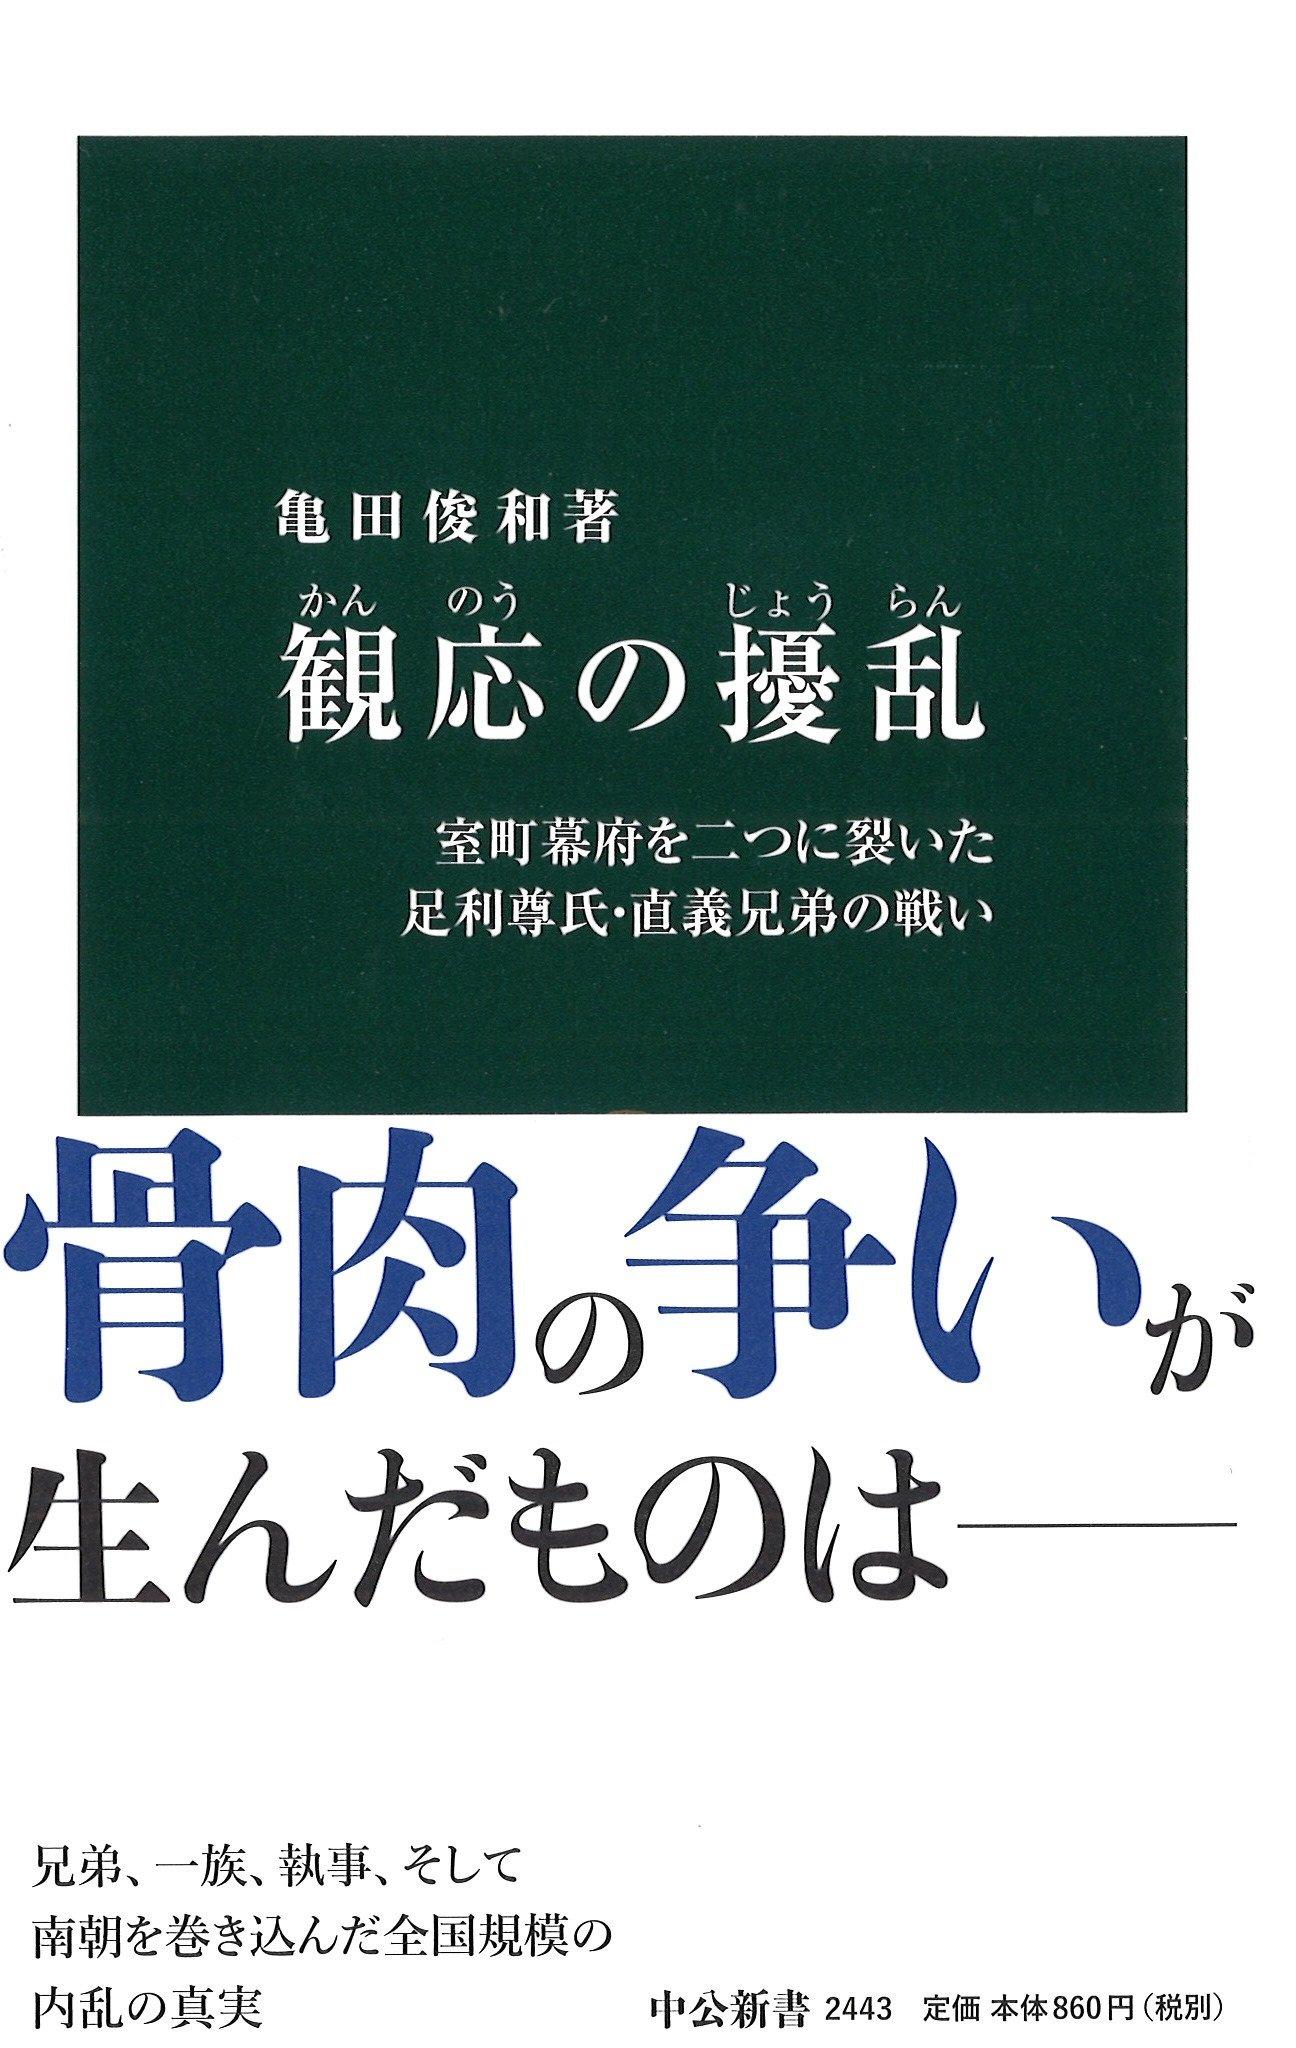 Kannou_no_jouran.jpg